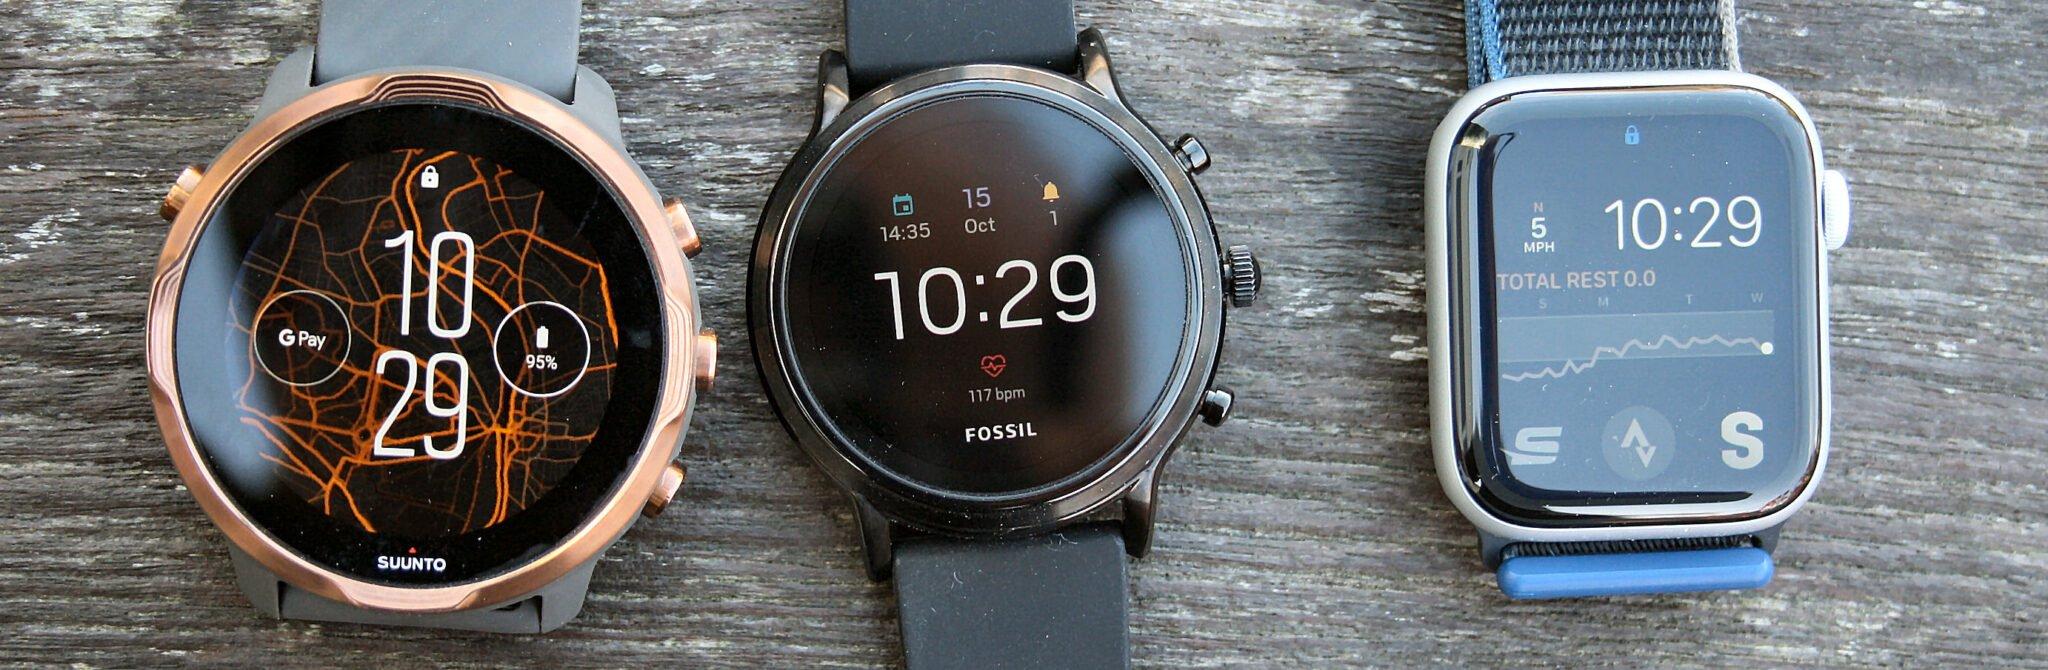 Fossil Gen 5, Apple Watch 6, Suunto 7